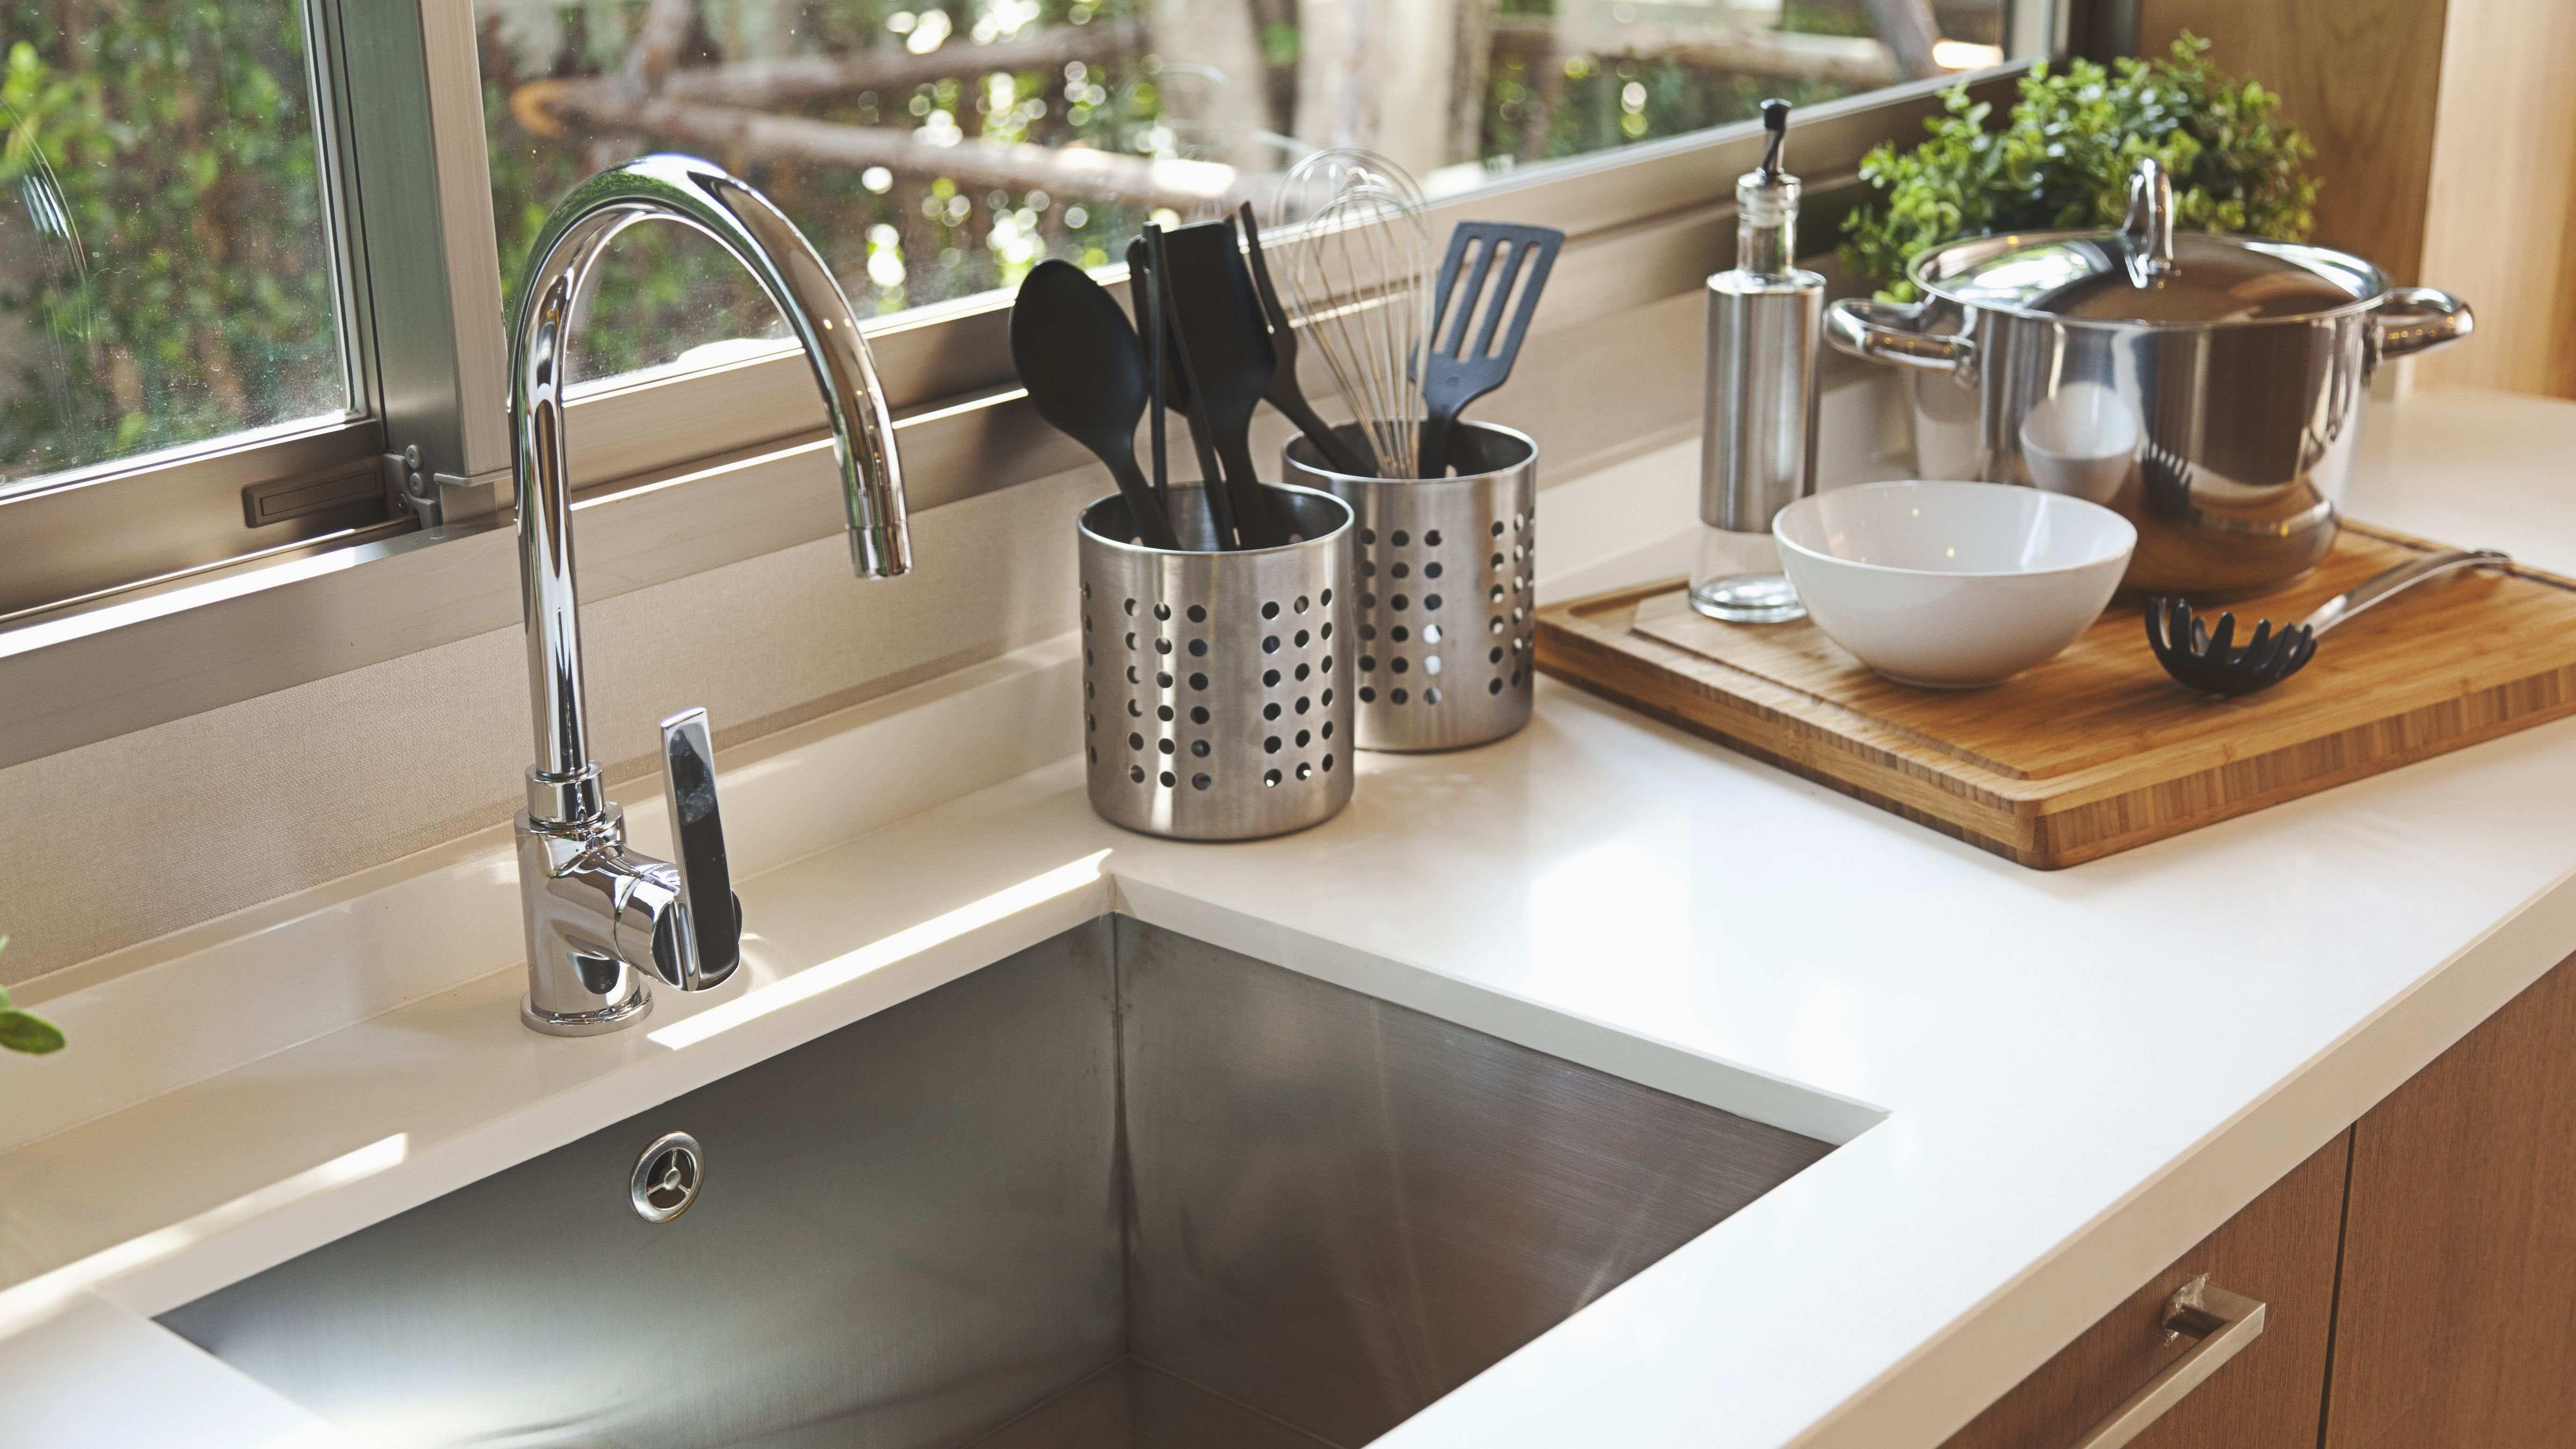 Come scegliere gli accessori per il lavello della cucina